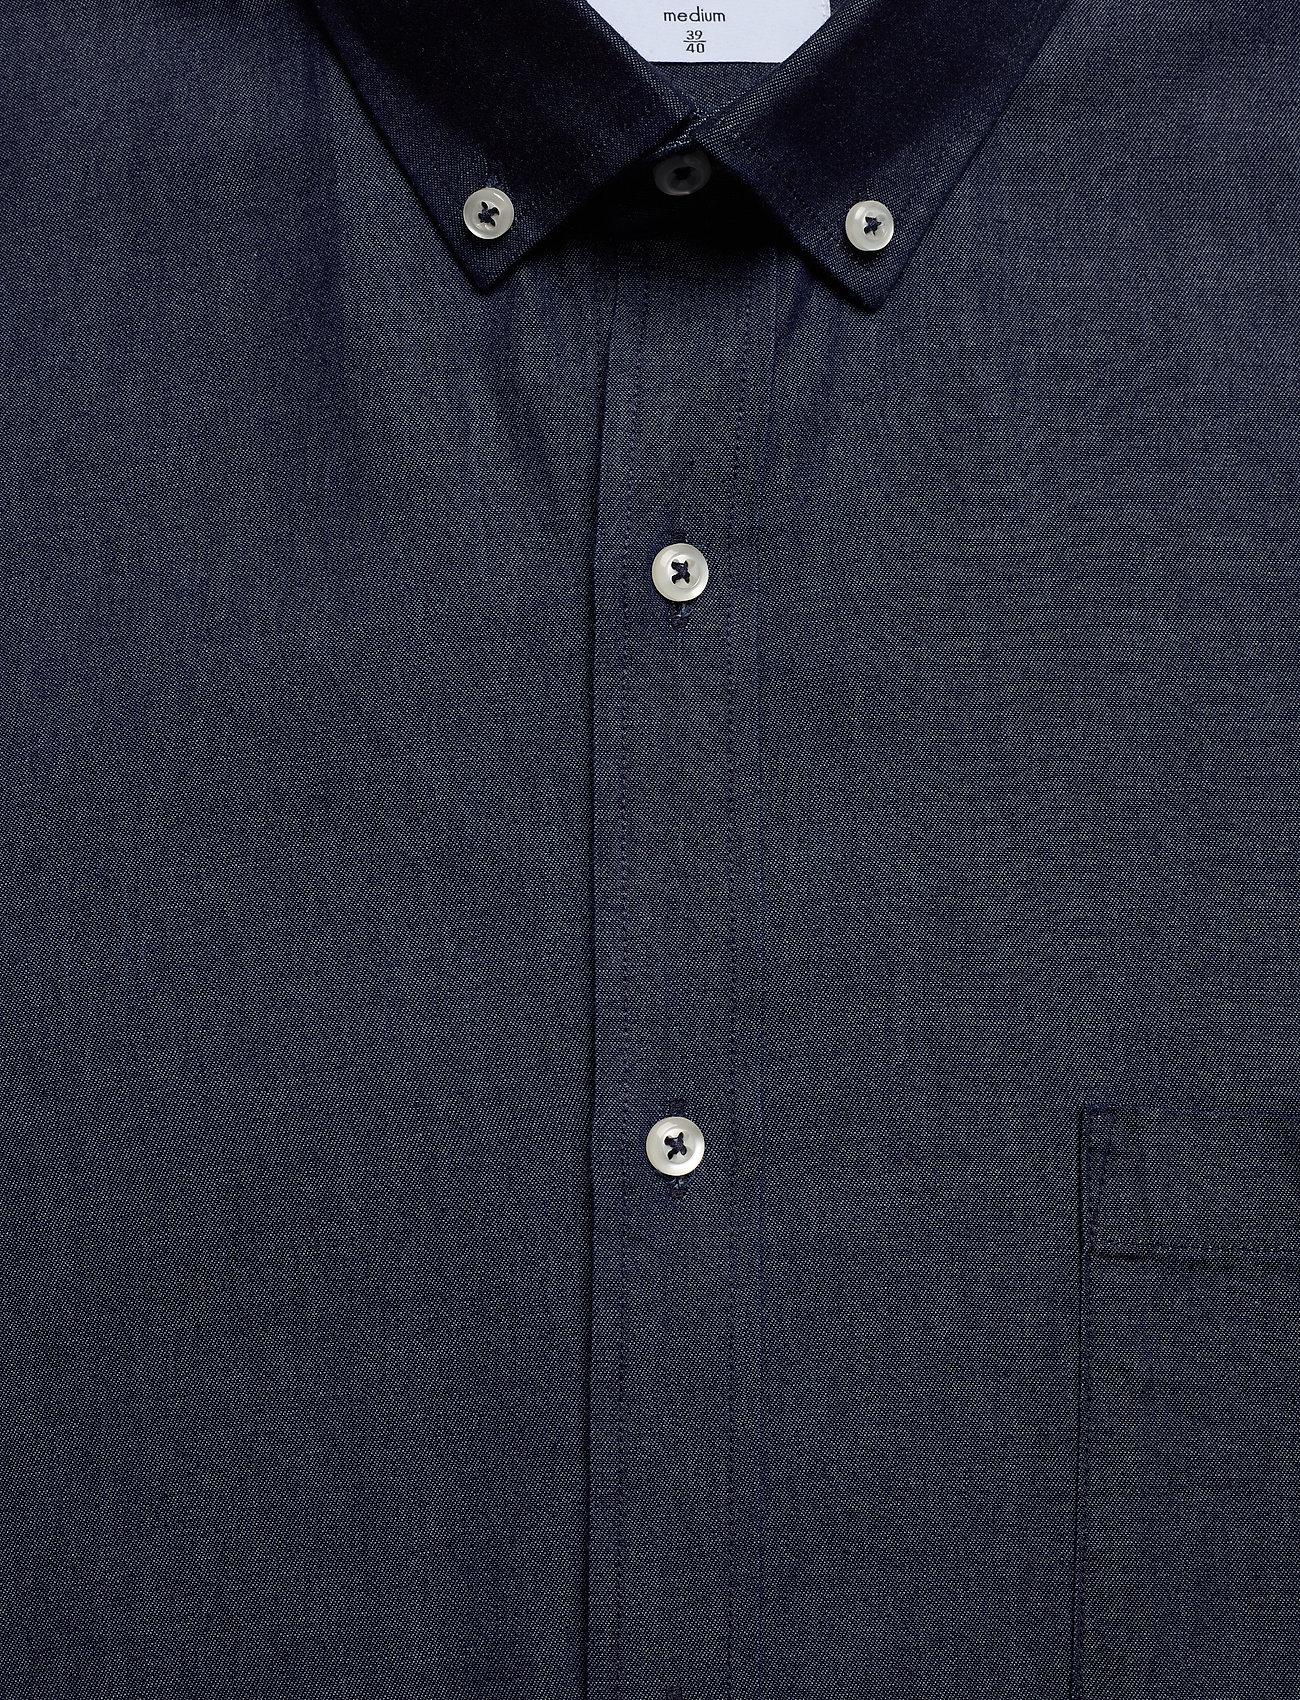 Seven Seas Copenhagen Light Weight Denim | L/S, Modern fit - Skjorter INDIGO - Menn Klær